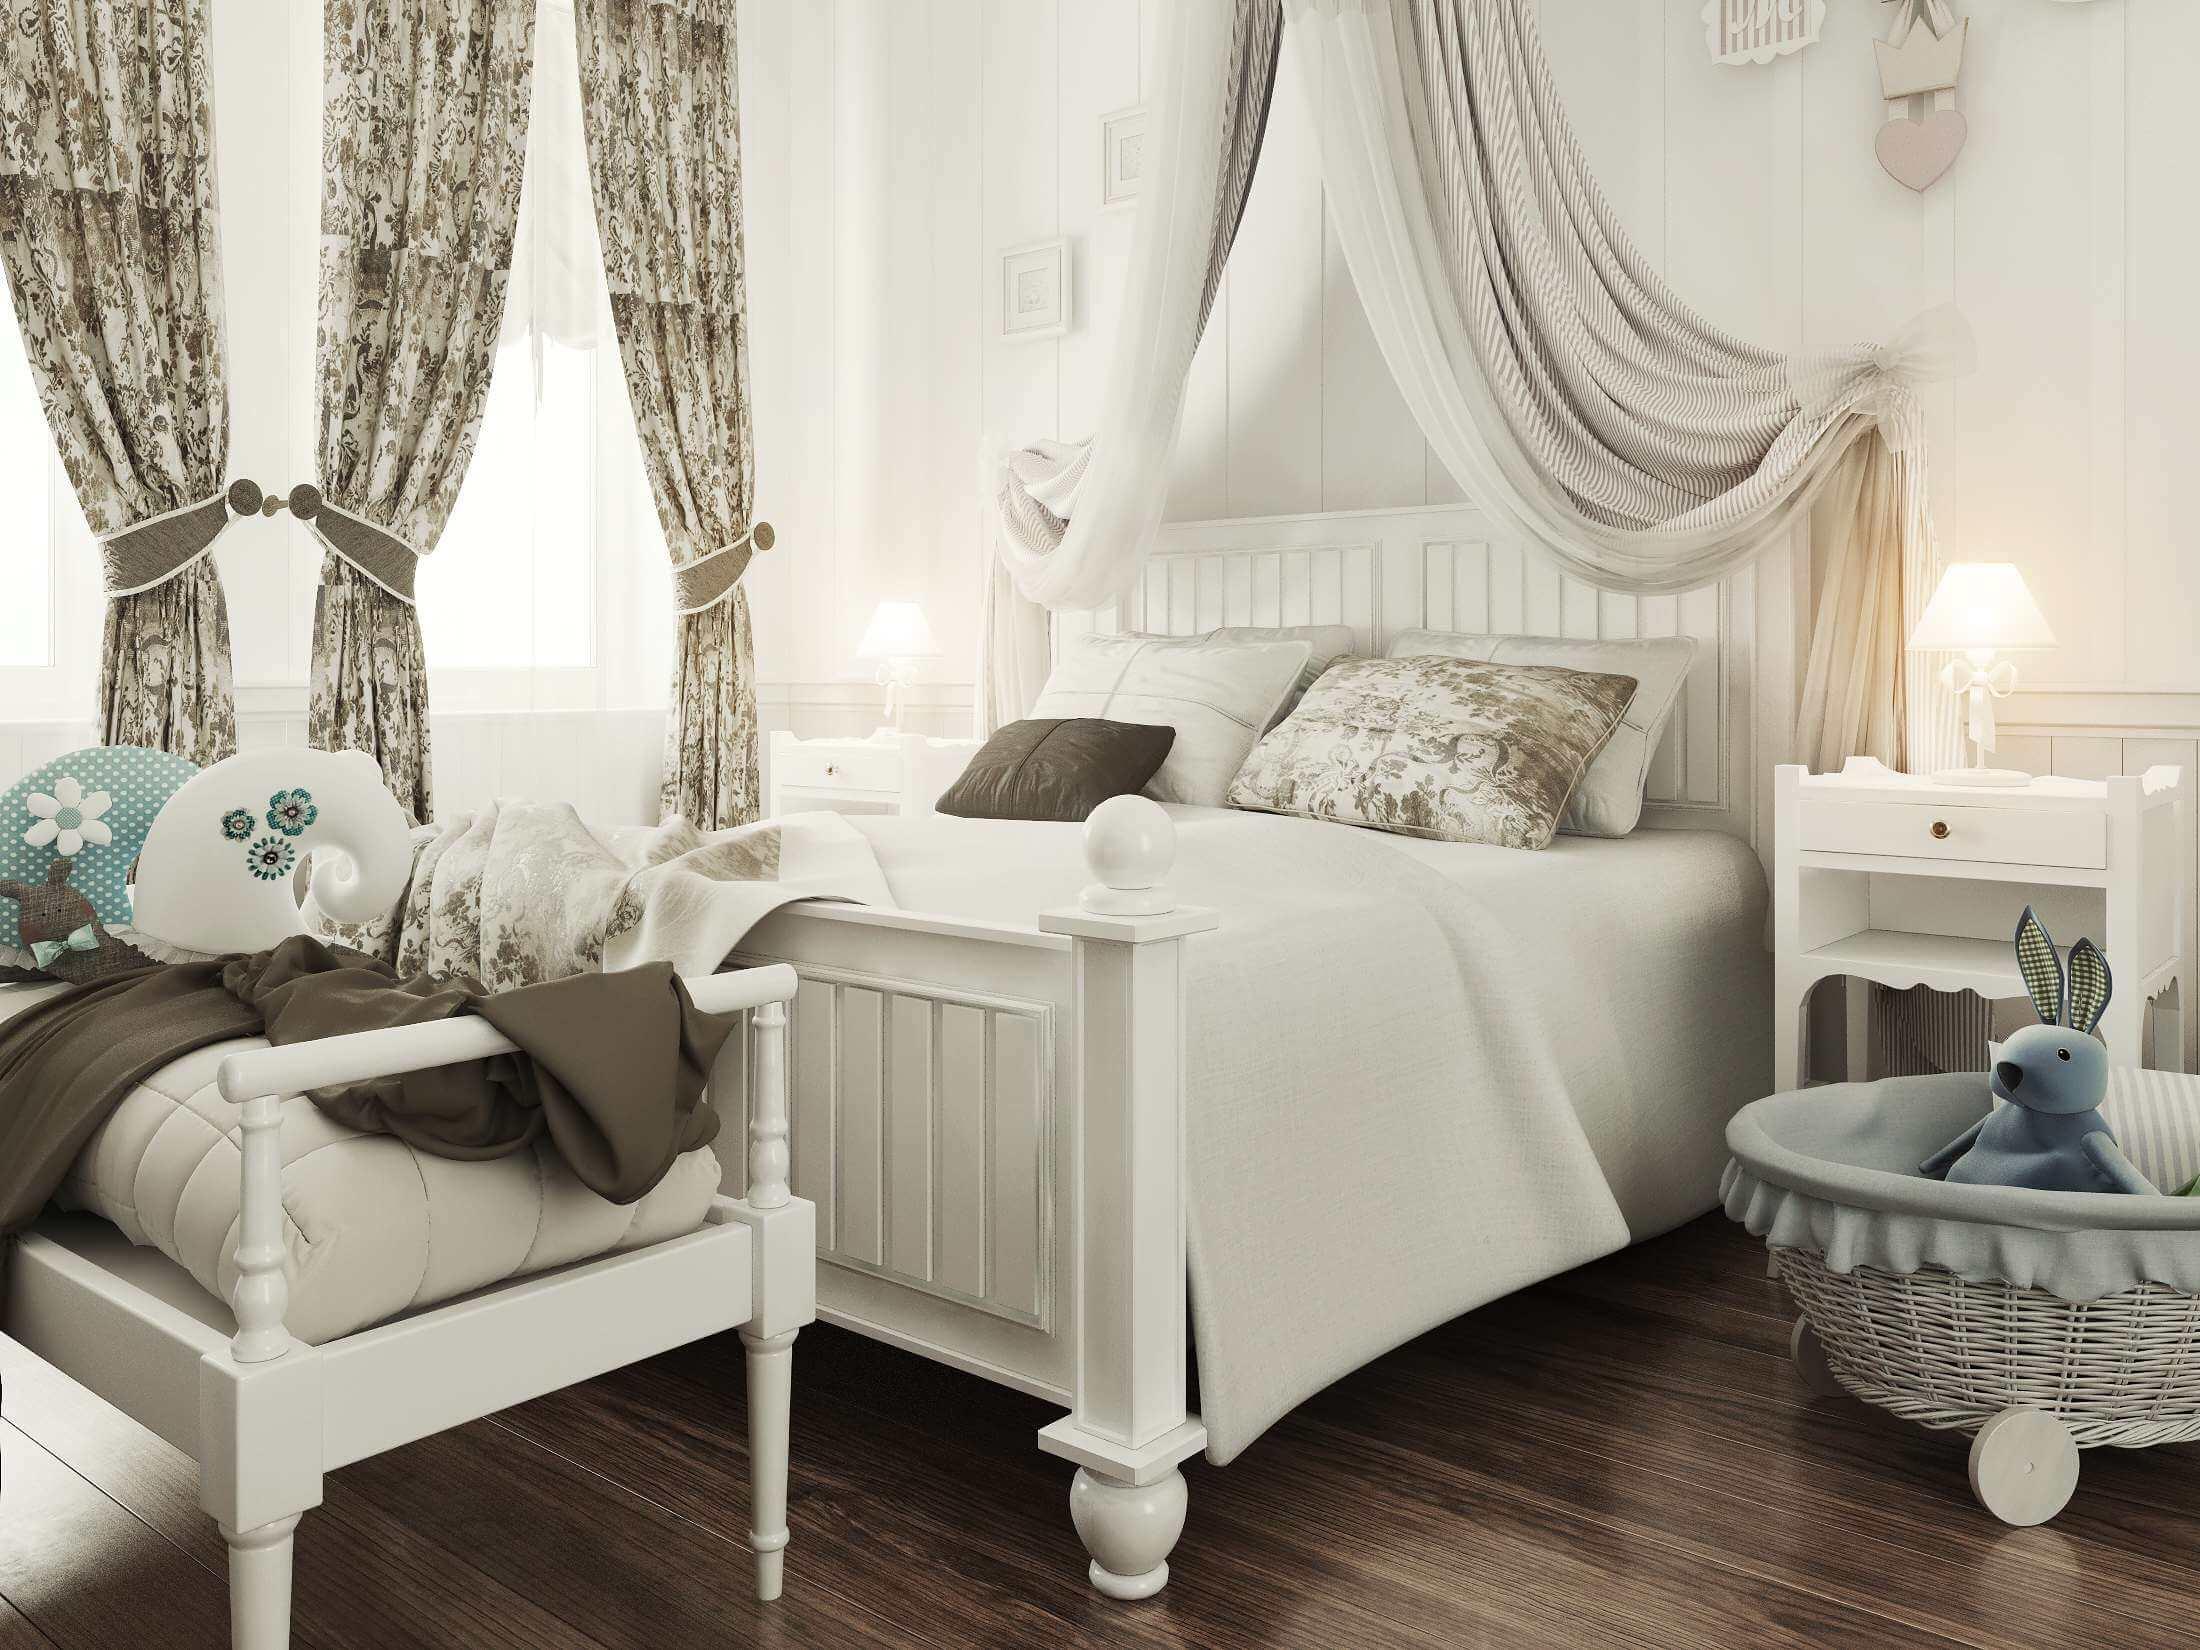 дизайн детской спальни с большой кроватью